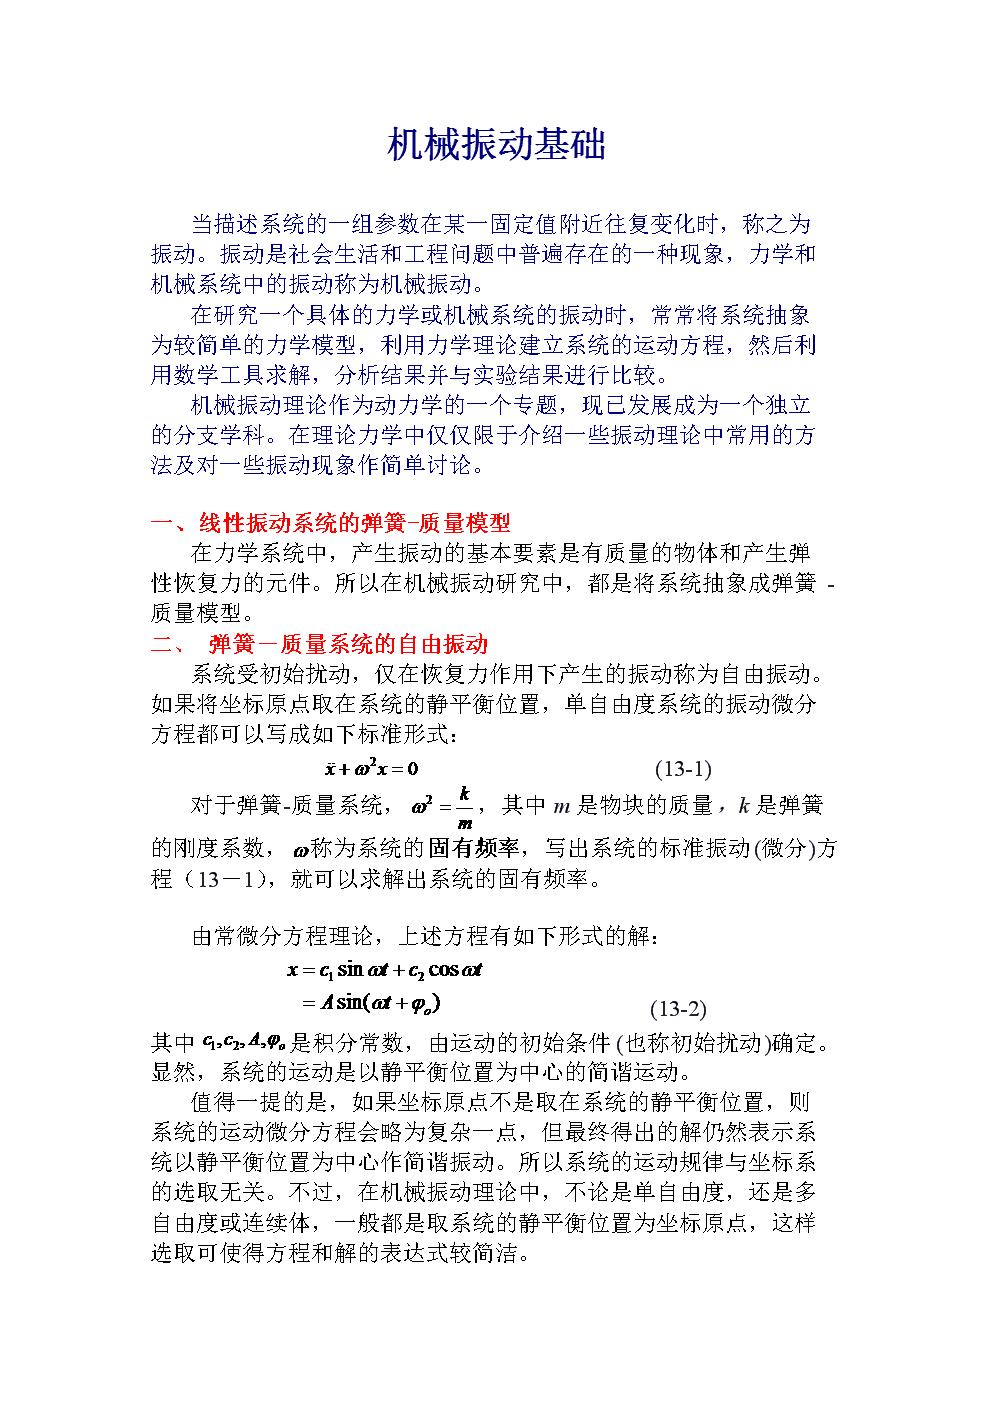 理论力学:理力五六七章总结.docx